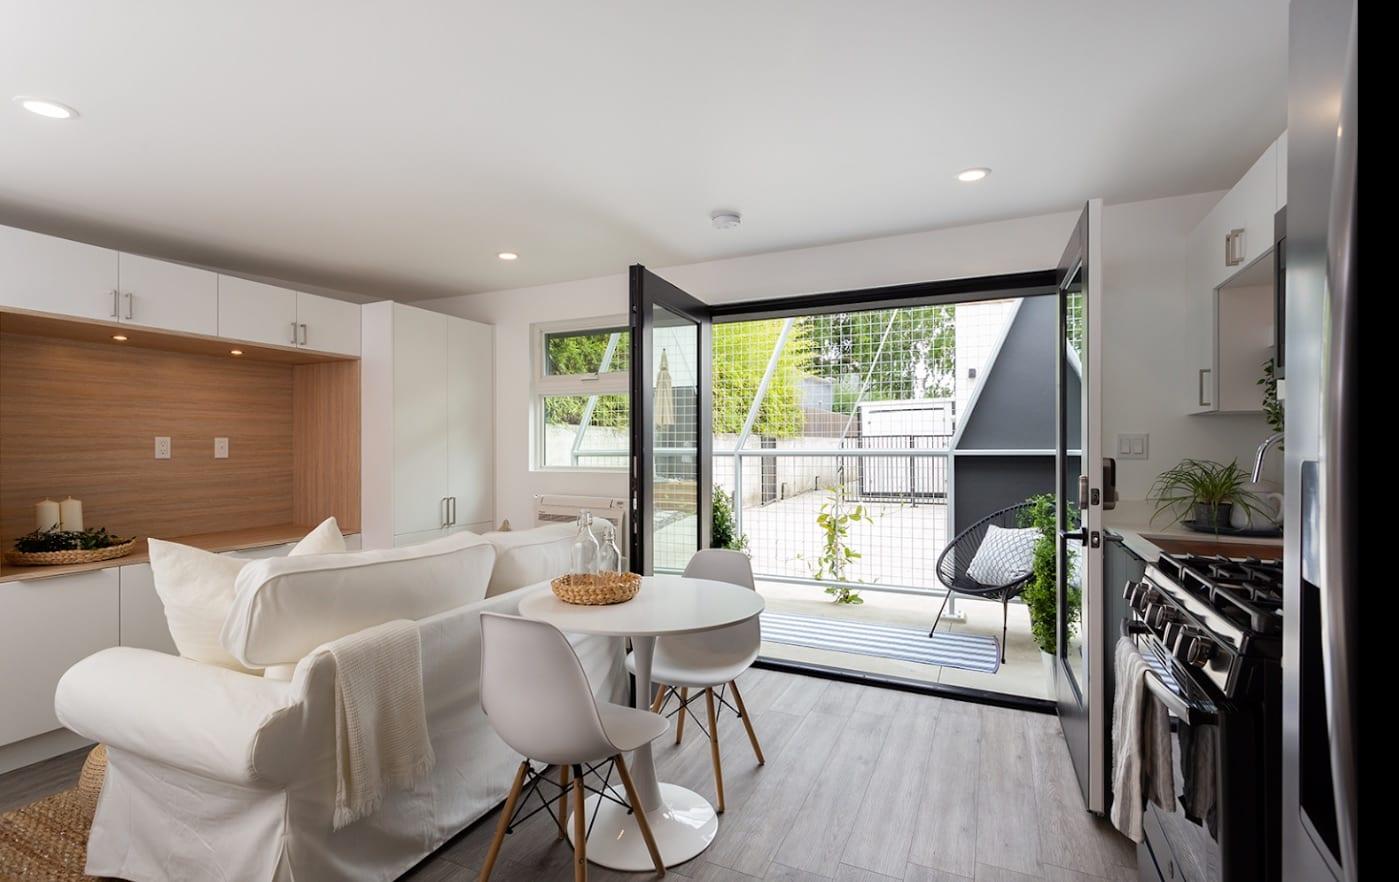 United Dwelling-Turn Your Garage Into An ADU